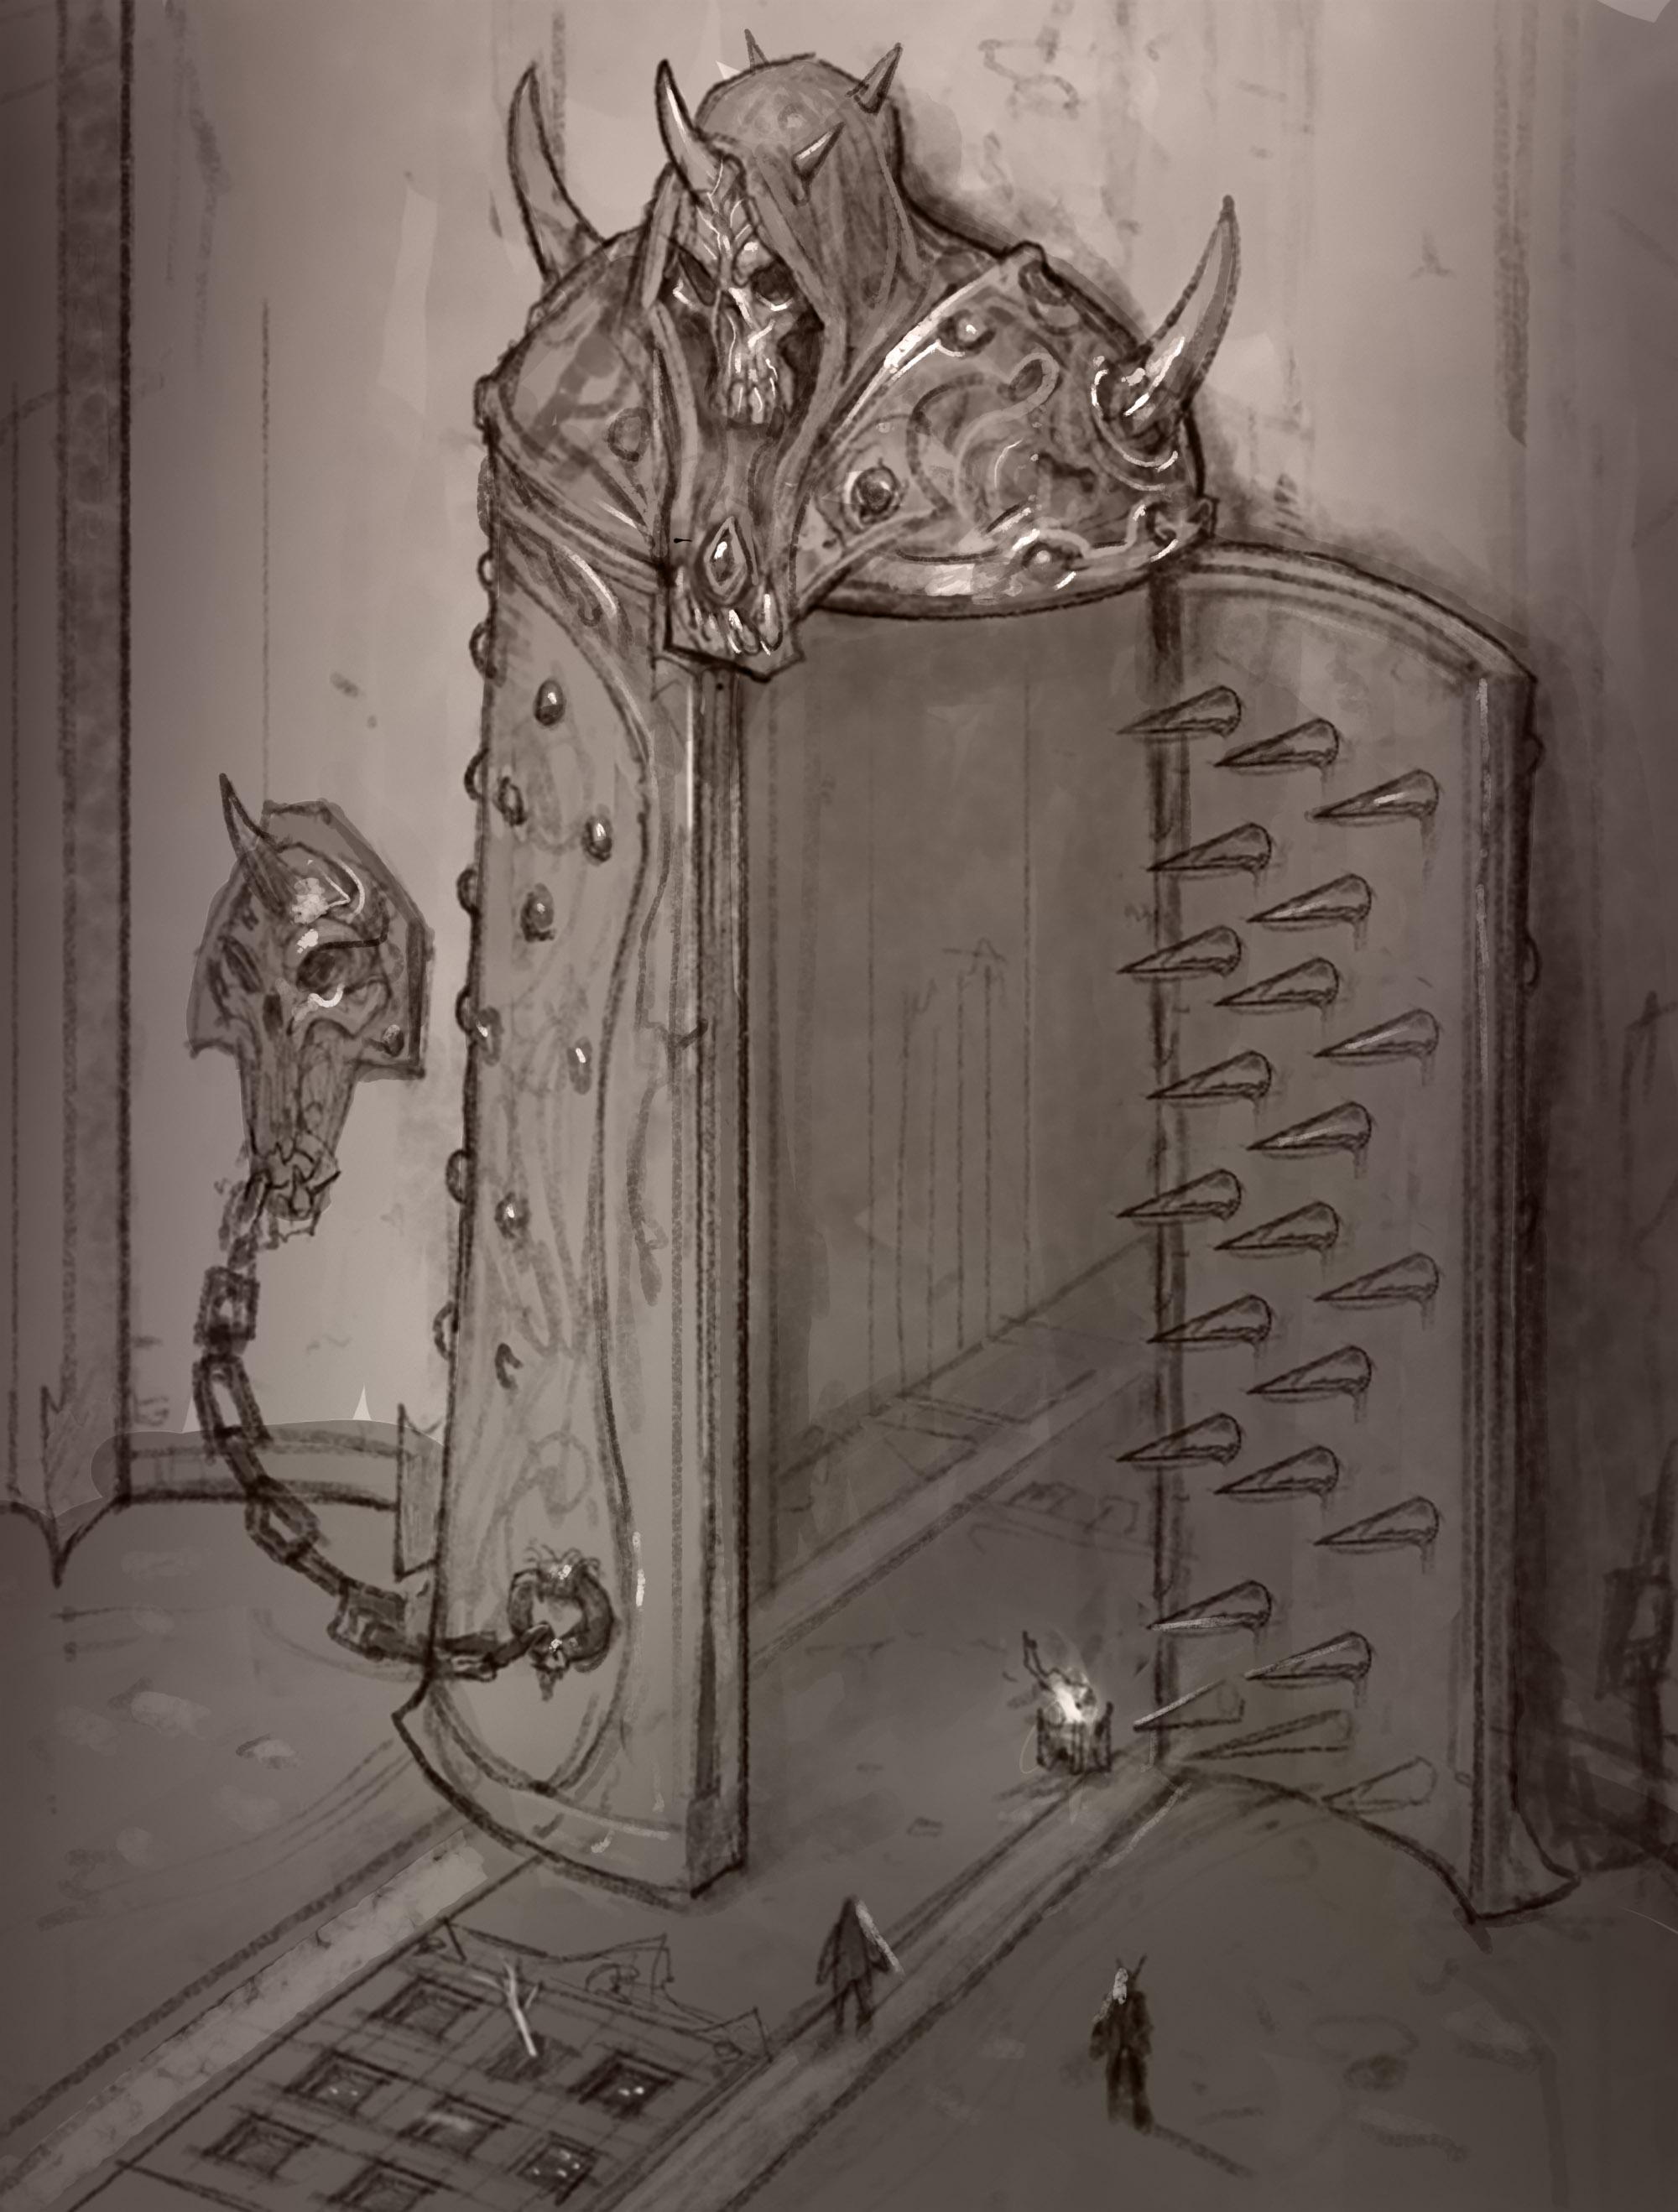 Chains_of_Domination_Iron_Maiden.jpg